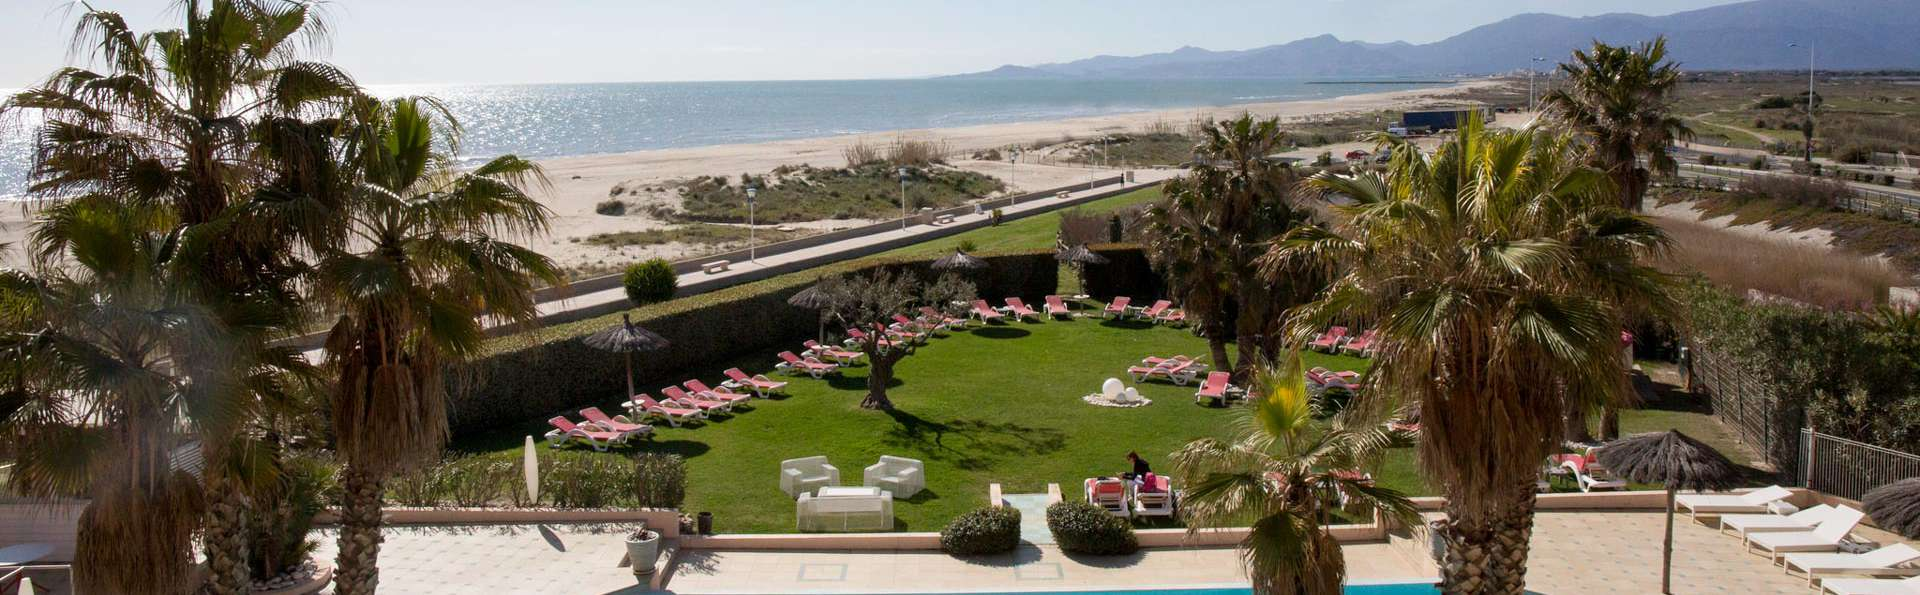 Relaxation totale à Canet-en-Roussillon : séjour avec accès au spa !